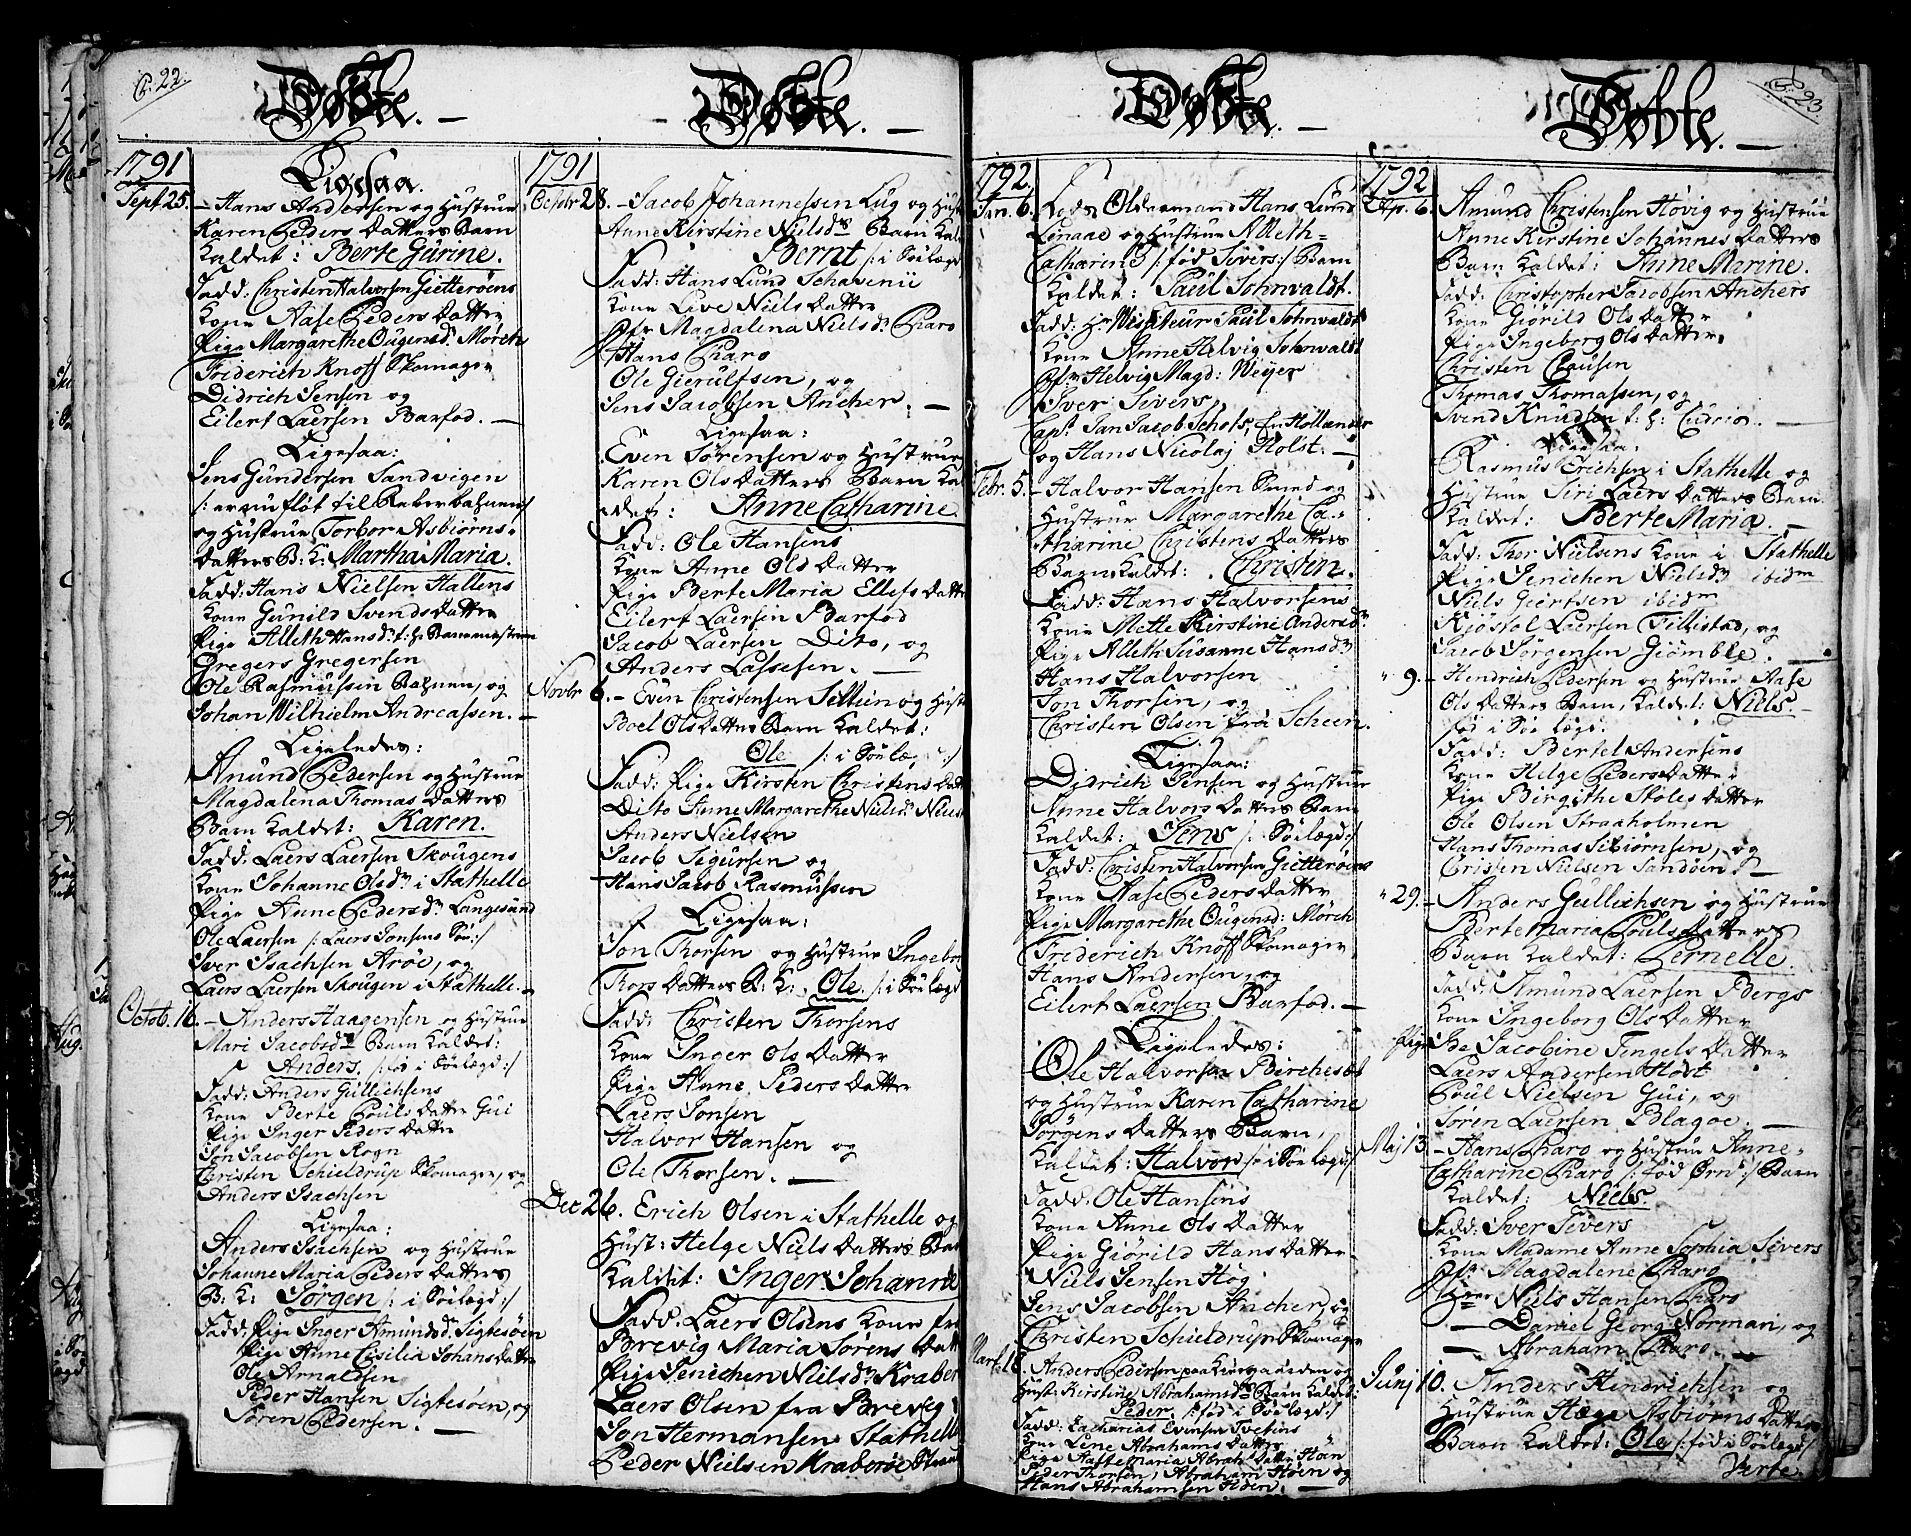 SAKO, Langesund kirkebøker, G/Ga/L0001: Klokkerbok nr. 1, 1783-1801, s. 22-23